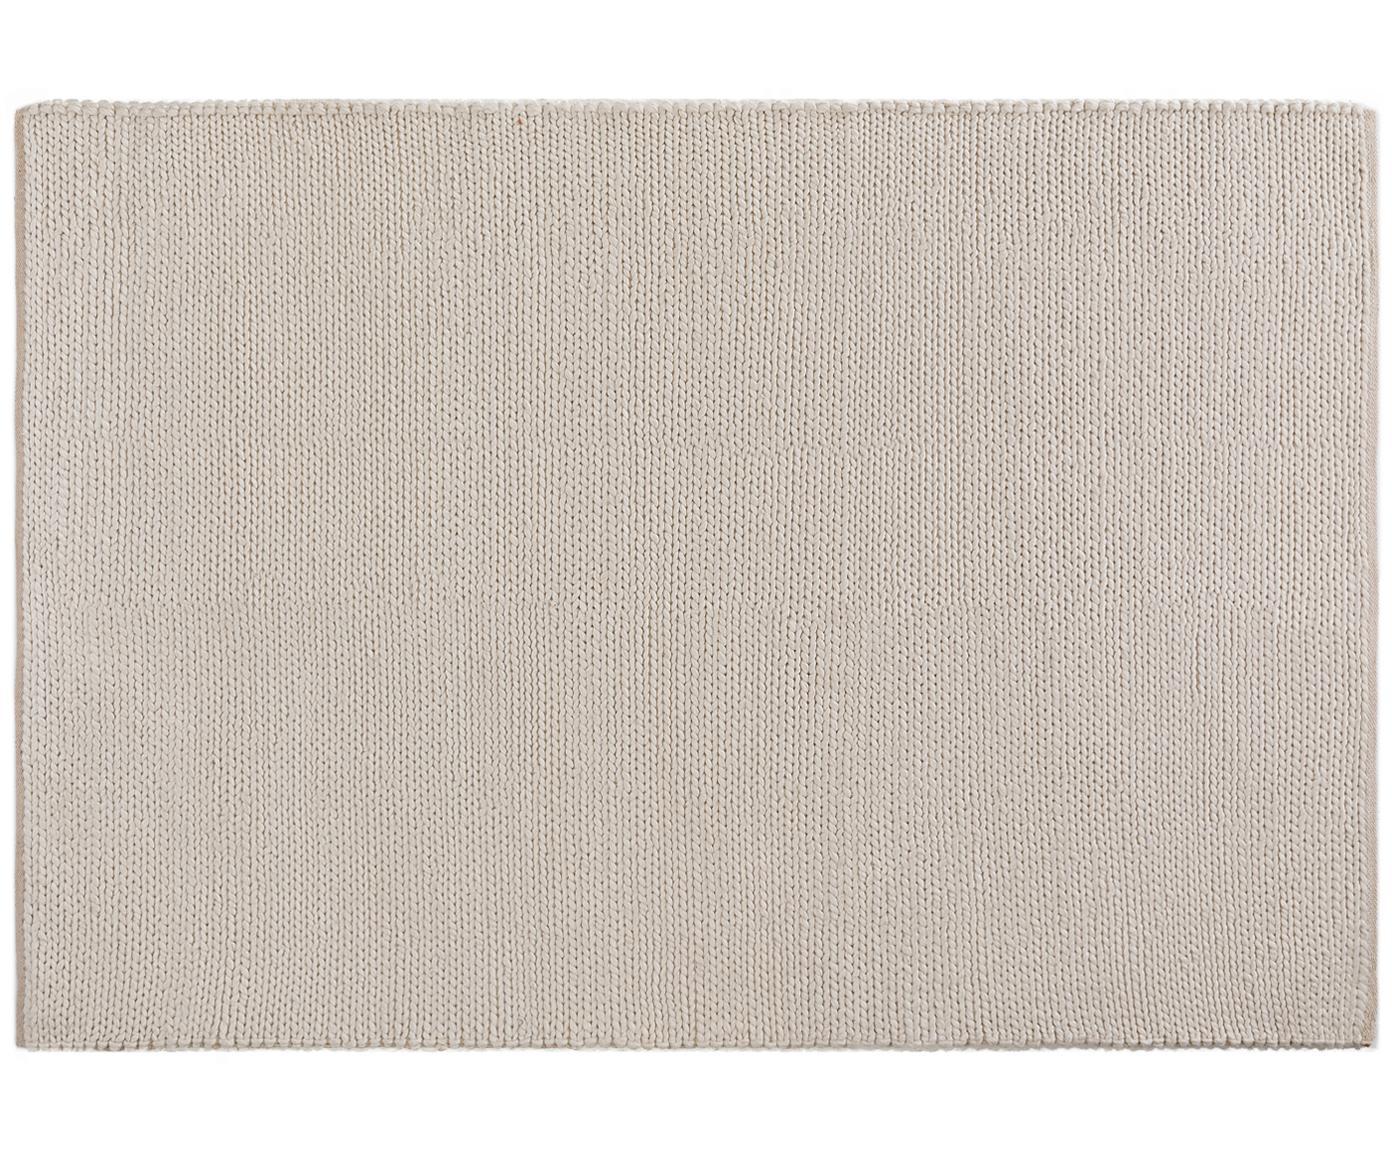 Handgeweven wollen vloerkleed Uno, Bovenzijde: 60% wol, 40% polyester, Onderzijde: katoen, Crèmekleurig, B 120 x L 170 cm (maat S)